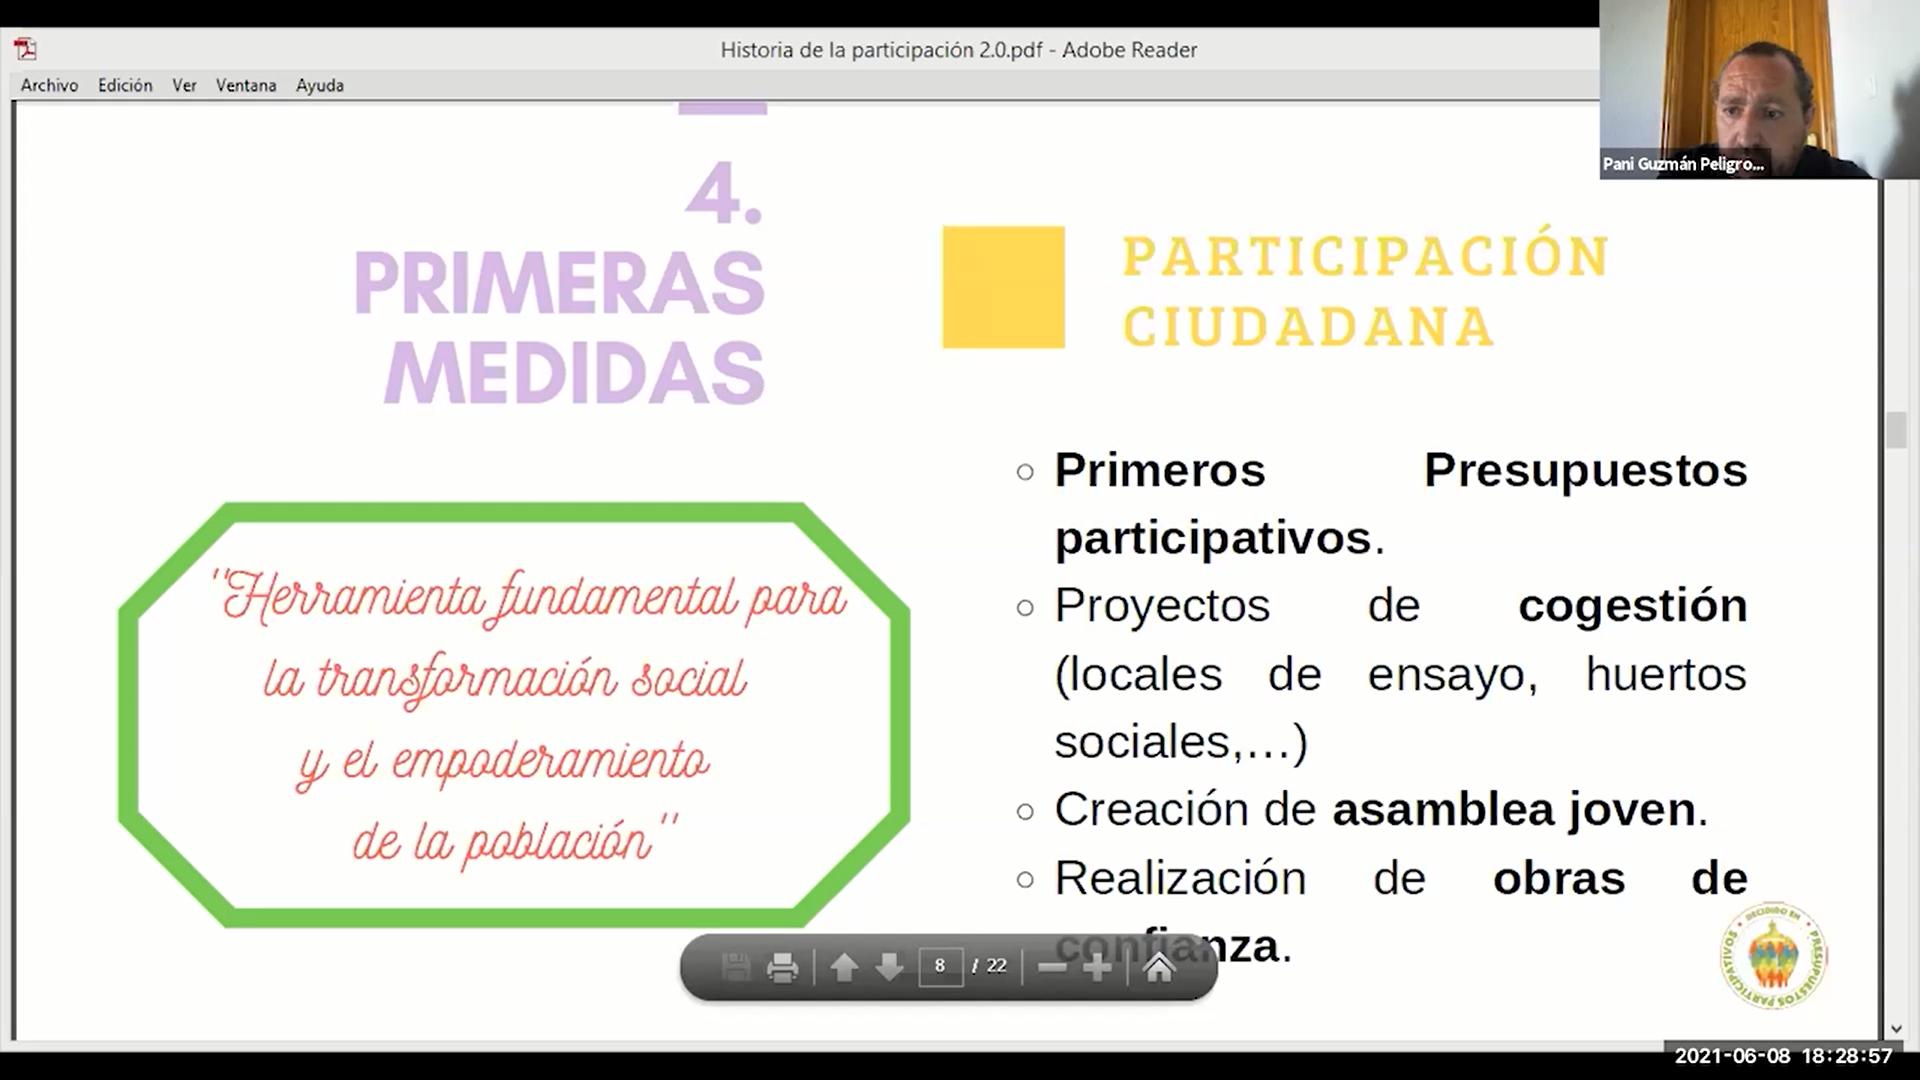 Presentación en la segunda sesión en el diseño de presupuestos participativos con jóvenes